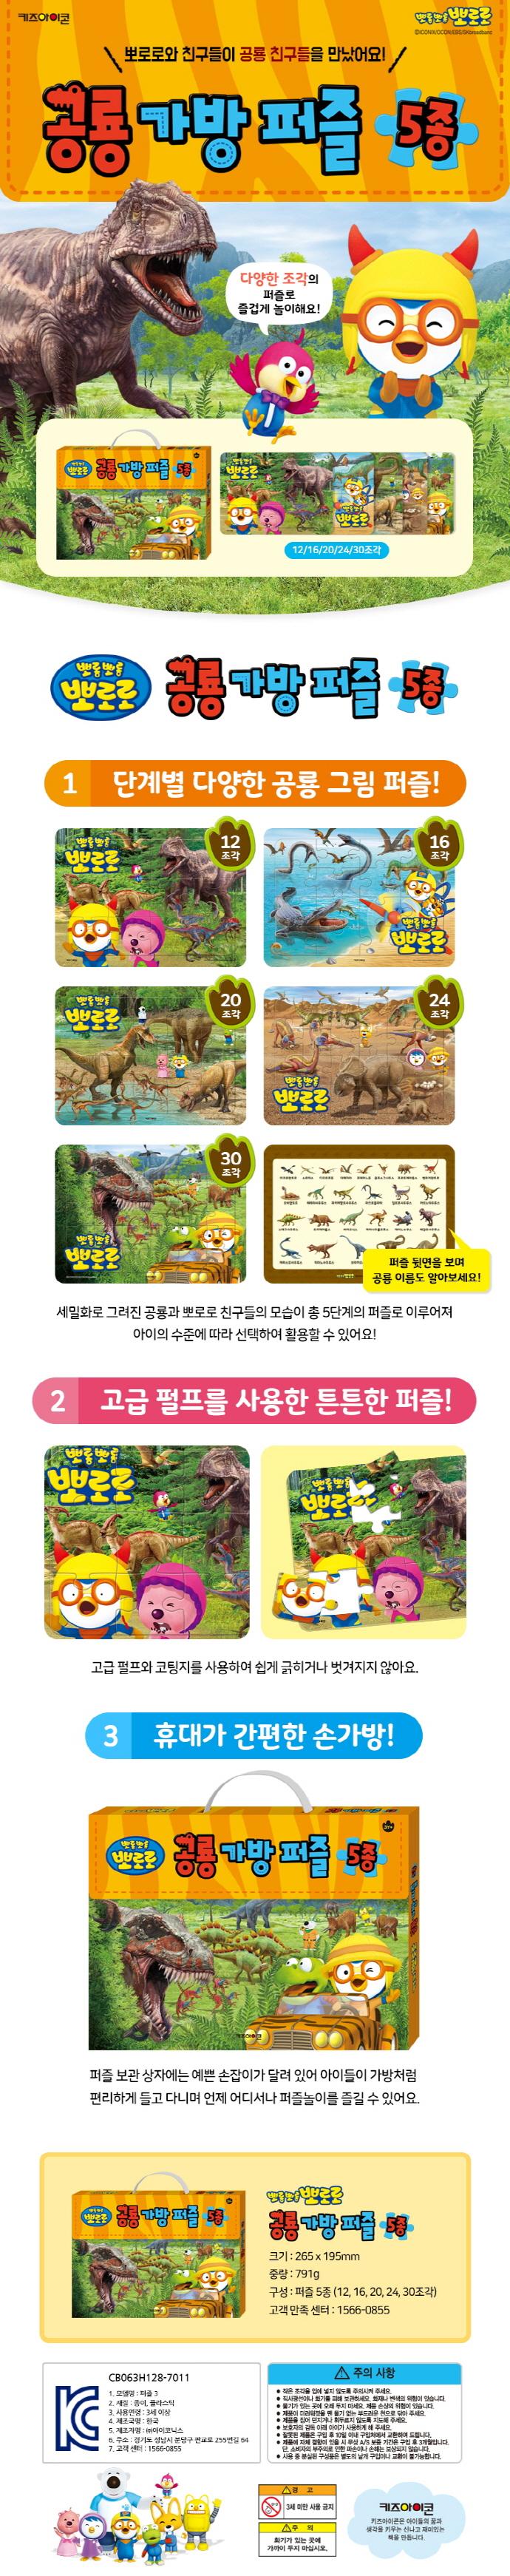 뽀롱뽀롱 뽀로로 공룡 가방 퍼즐 5종 도서 상세이미지